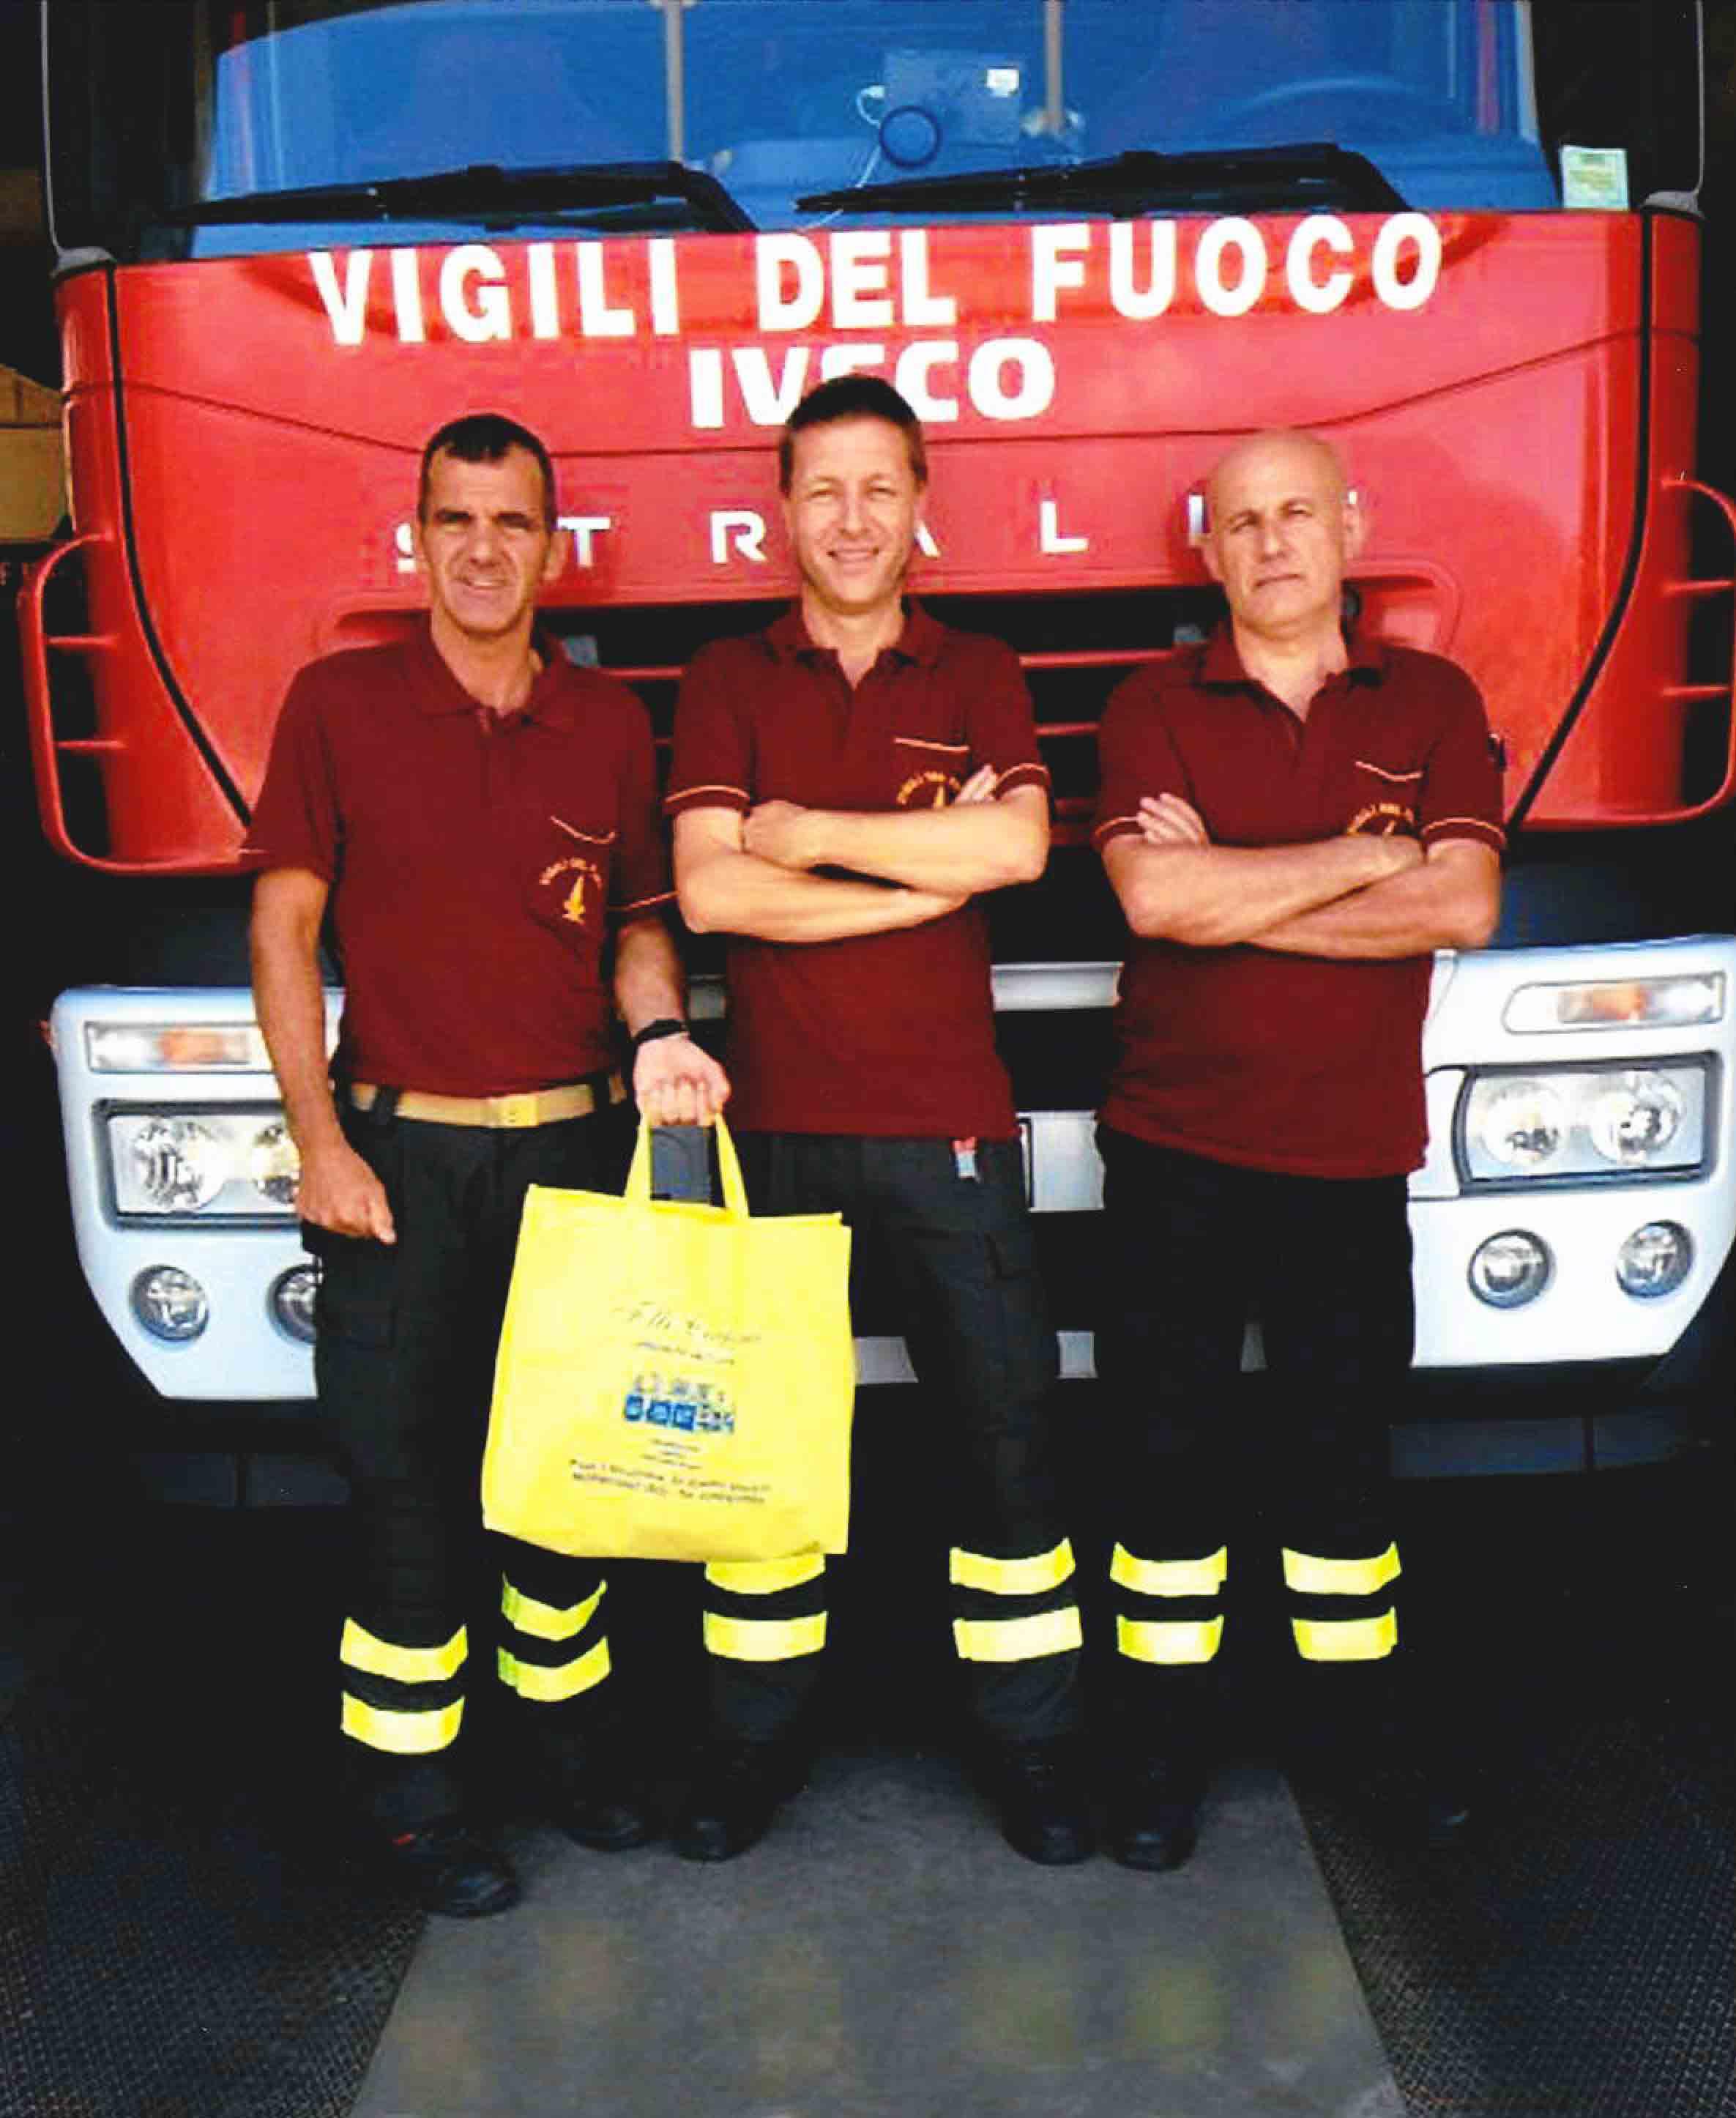 italia_vigili-del-fuoco